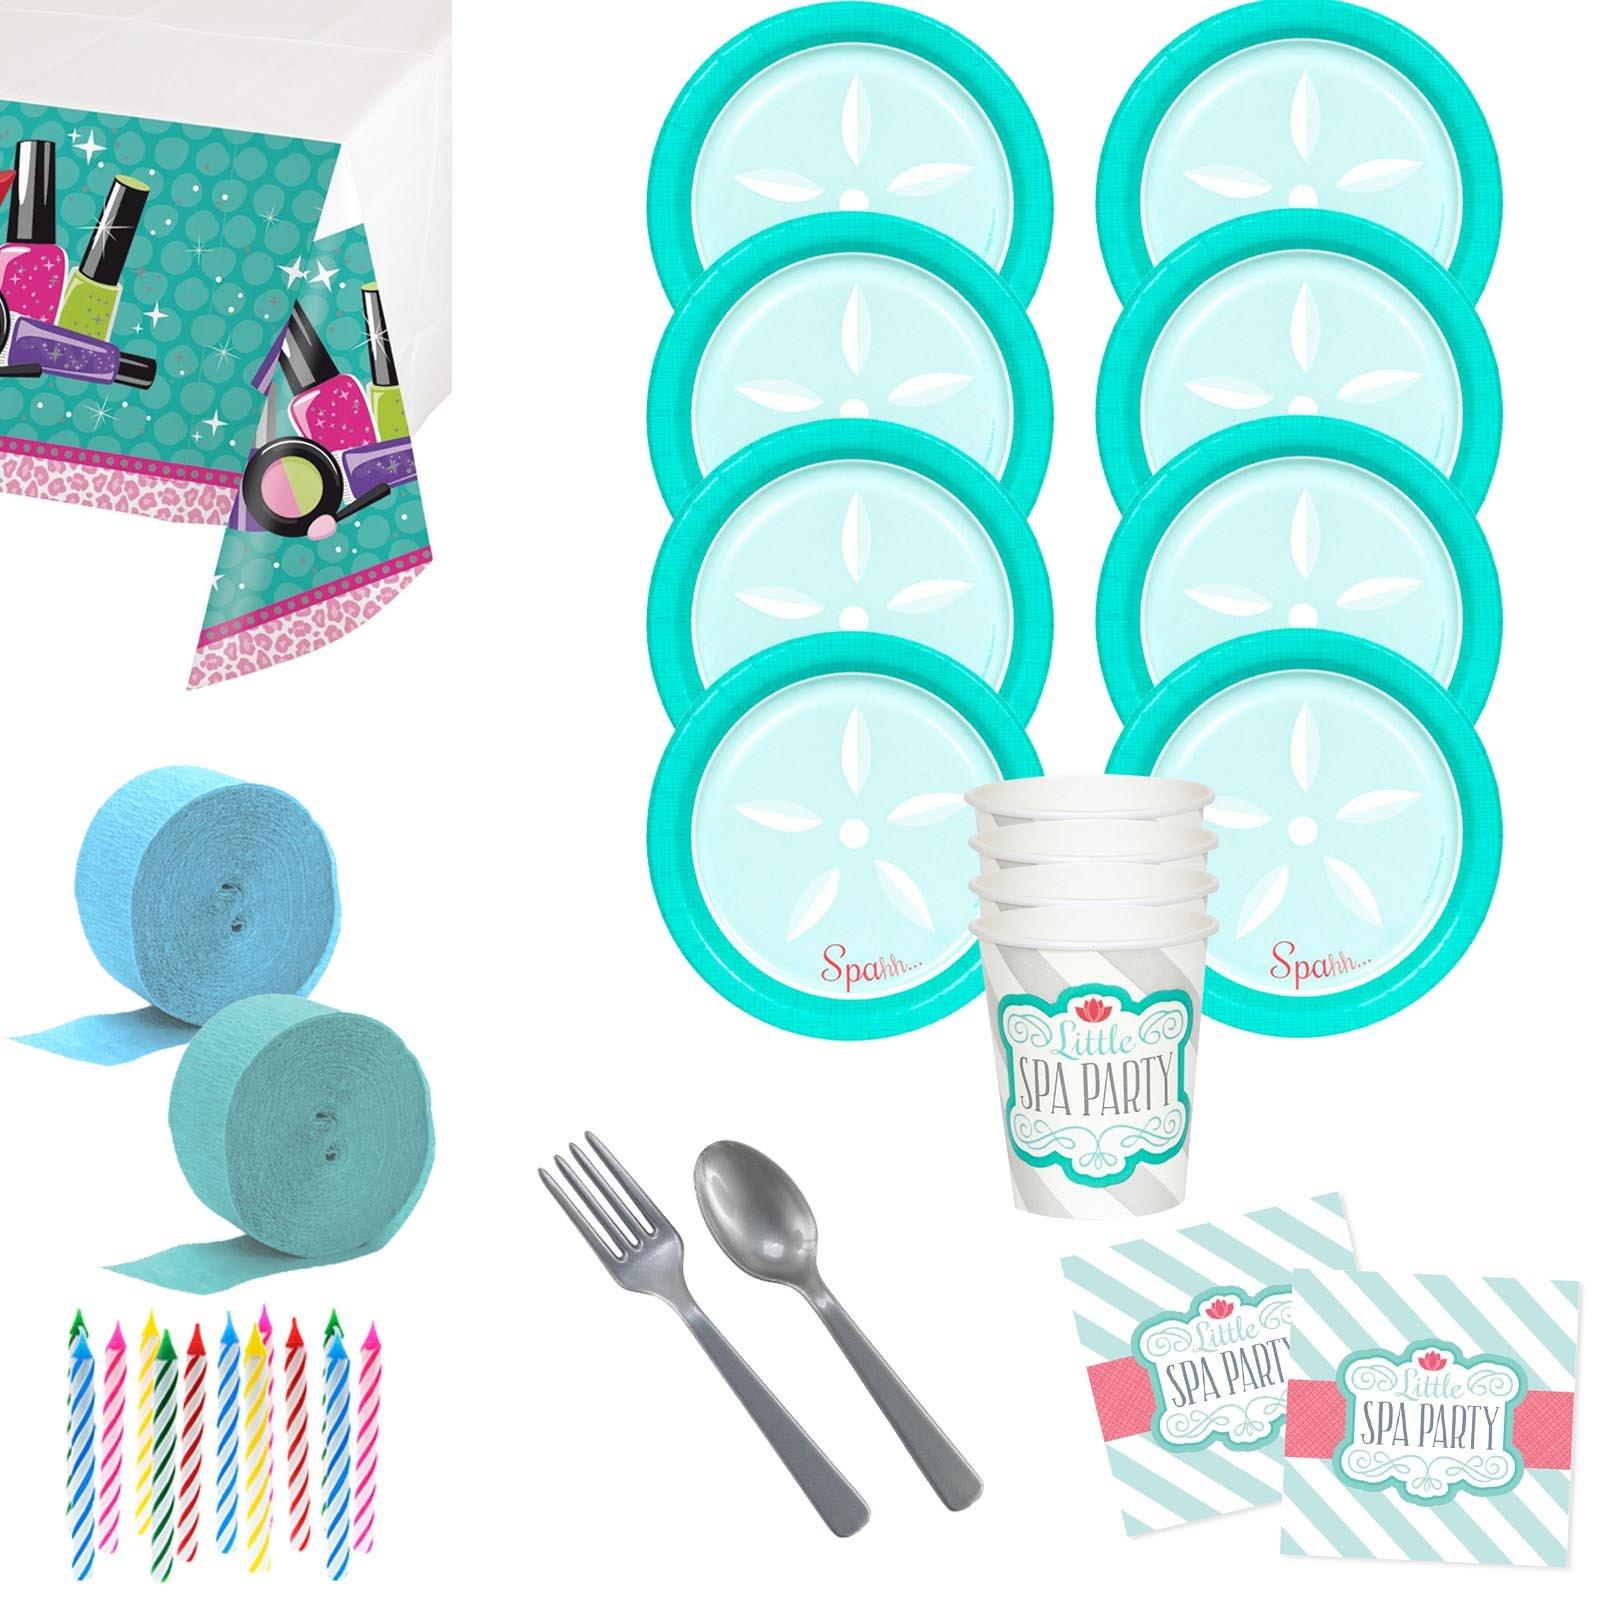 Costume SuperCenter Little Spa Deluxe Tableware Kit (Serves 8)